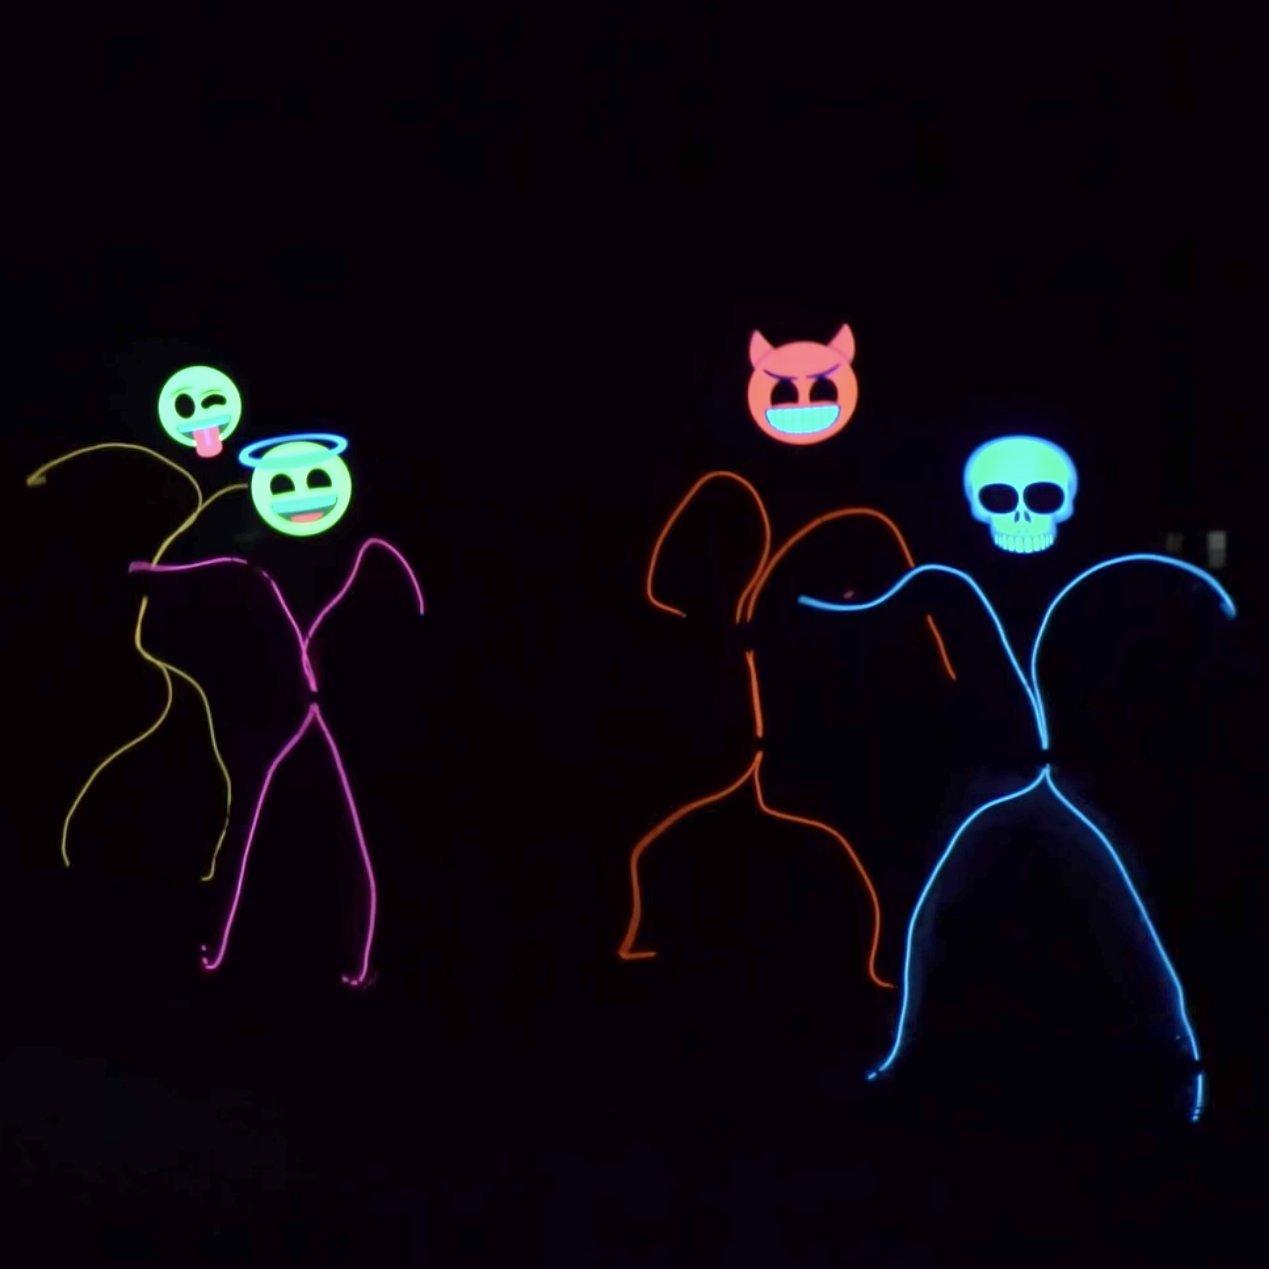 Emoji Stick Figure Costumes